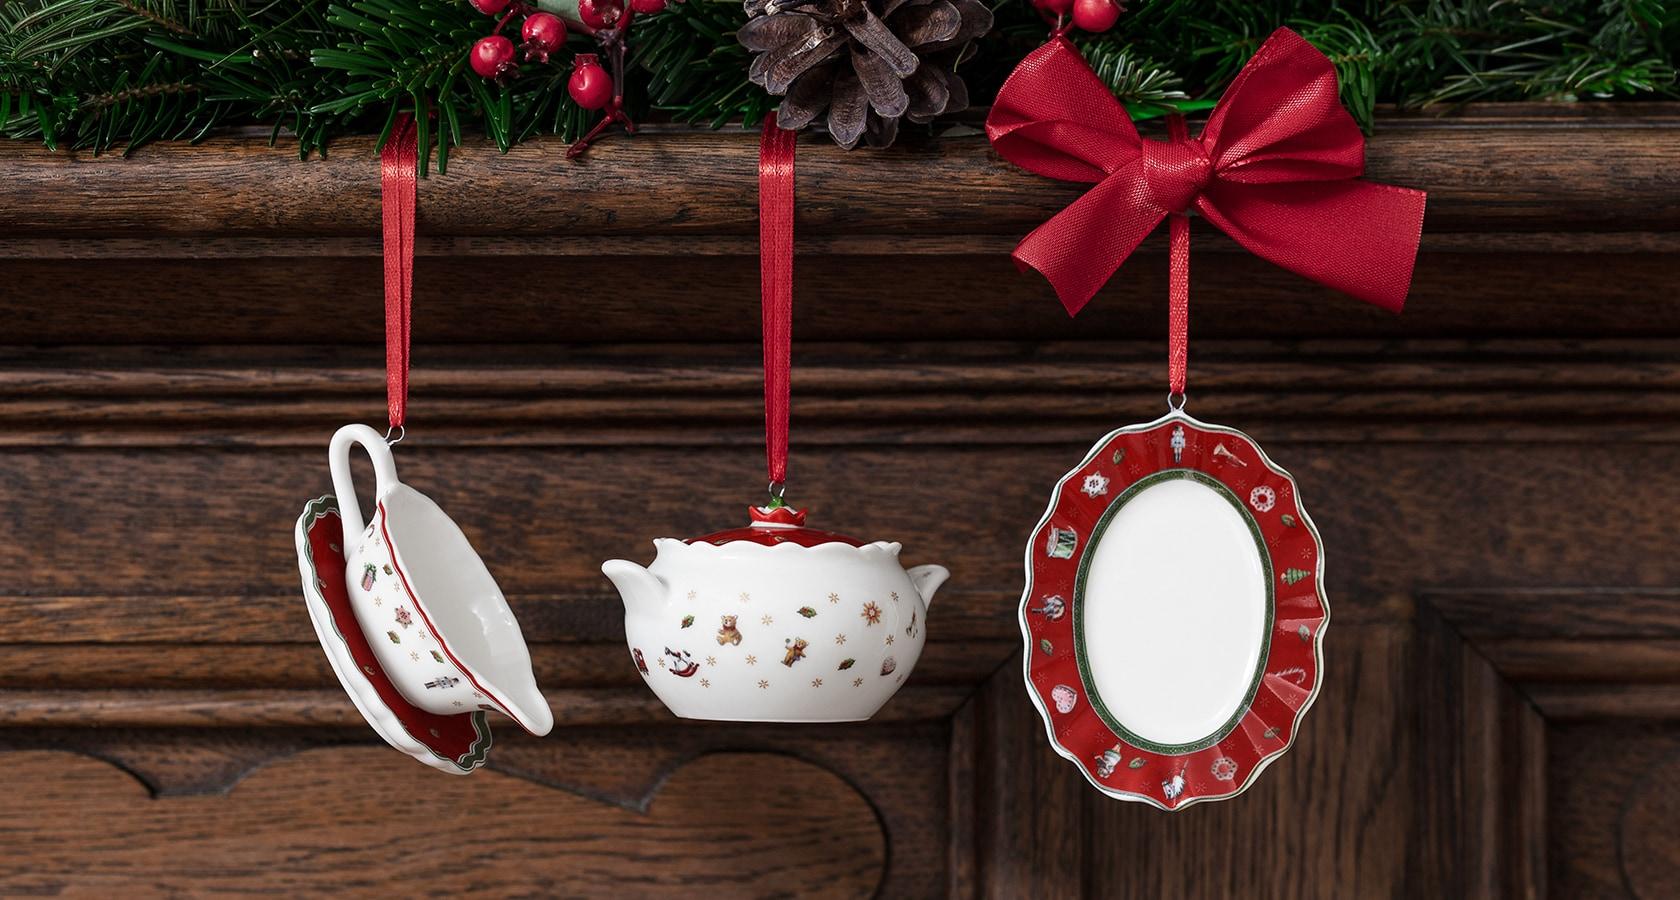 Addobbi Natale Villeroy Boch.Addobbi Natalizi Palle Di Natale E Raffinati Addobbi Per L Albero